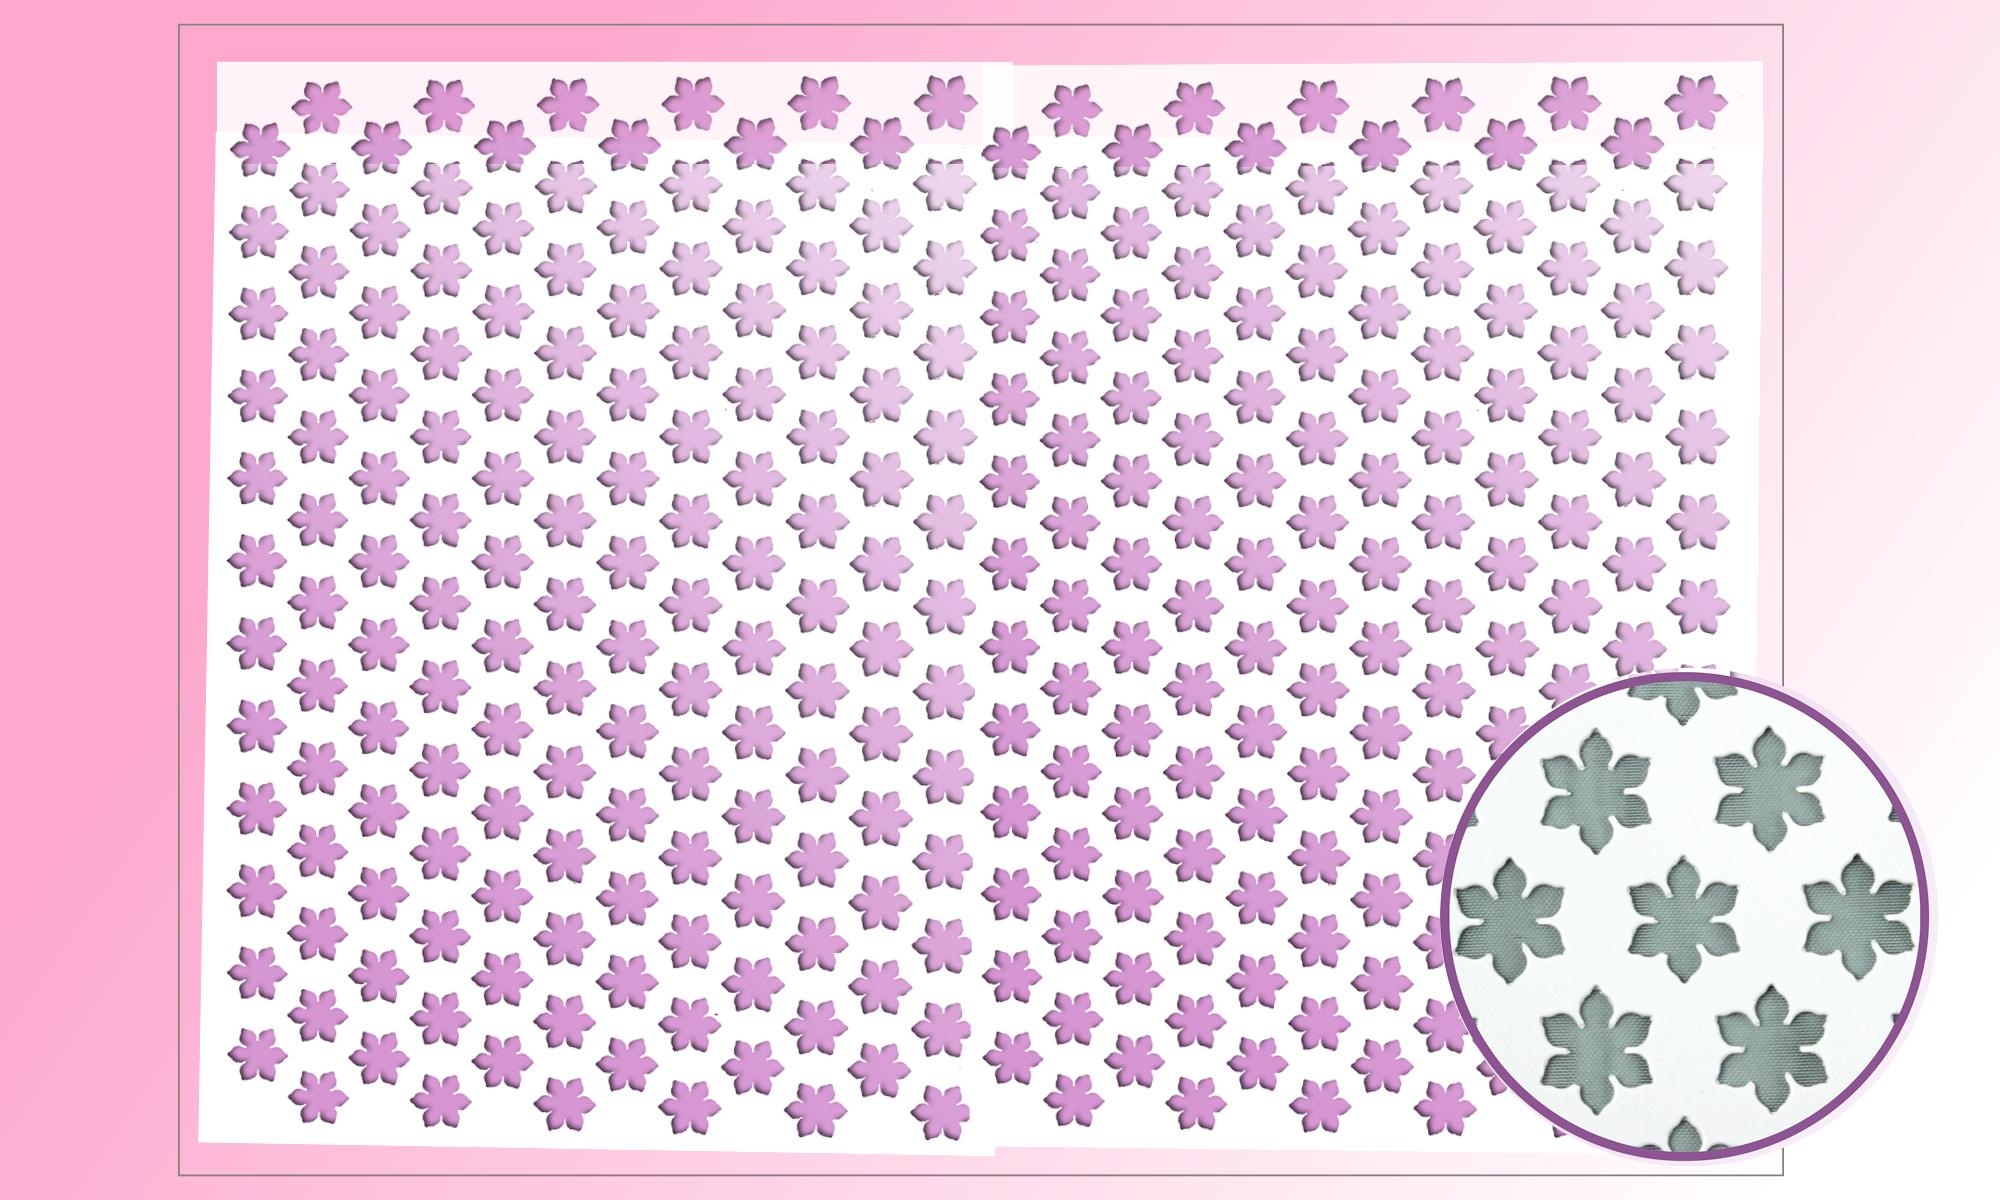 Dekorschablone Blumen für Petit Fours groß | 60 x 40 cm